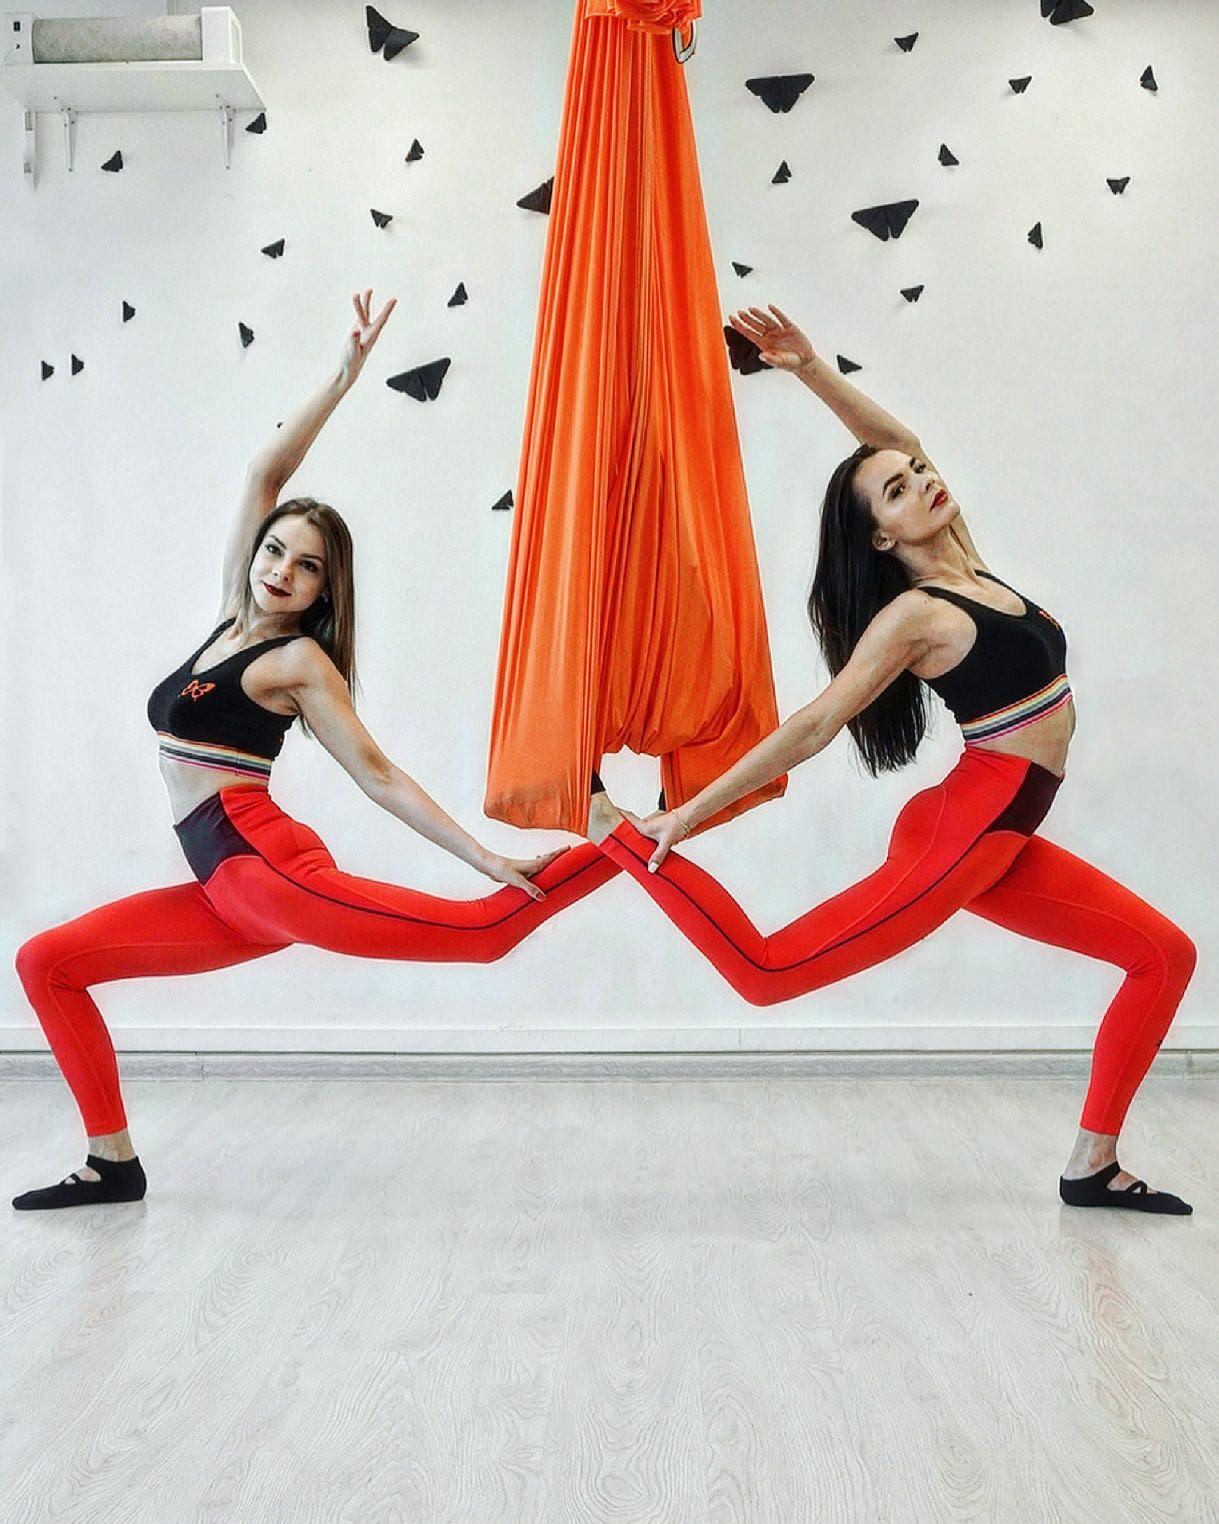 Я не смогу🙄  Aero stretching подходит для людей абсолютно любого уровня физической подготовки. 🏼  Основу методики составляют подводящие упражнения, позволяющие плавно включиться в процесс. Любую, даже самую сложную позу, человек может освоить постепенно и легко, и уже на самом первом занятии у вас будет возможность попробовать выполнить перевернутую позу.  Не переживайте 🏻из-за недостаточной растяжки или отсутствия желаемой физической формы: вы точно справитесь.🏻♀️  Страх всего нового и неизвестного!  Это естественно. Просто не бойтесь пробовать незнакомые направления. Человеческое тело привыкает к любой нагрузке, а правильный фитнес-стресс поможет сдвинуться с мертвой точки.🤗  Попробуйте и Вы точно не останетесь равнодушными.  🦋С заботой о тебе, студия «Эффект бабочки» 🦋  ⠀ ️Запись  на тренировку по телефону 8-909-788-29-08, пишите в Директ/Viber/WhatsApp или на нашем сайте www.mybutterfly39.ru  ⠀